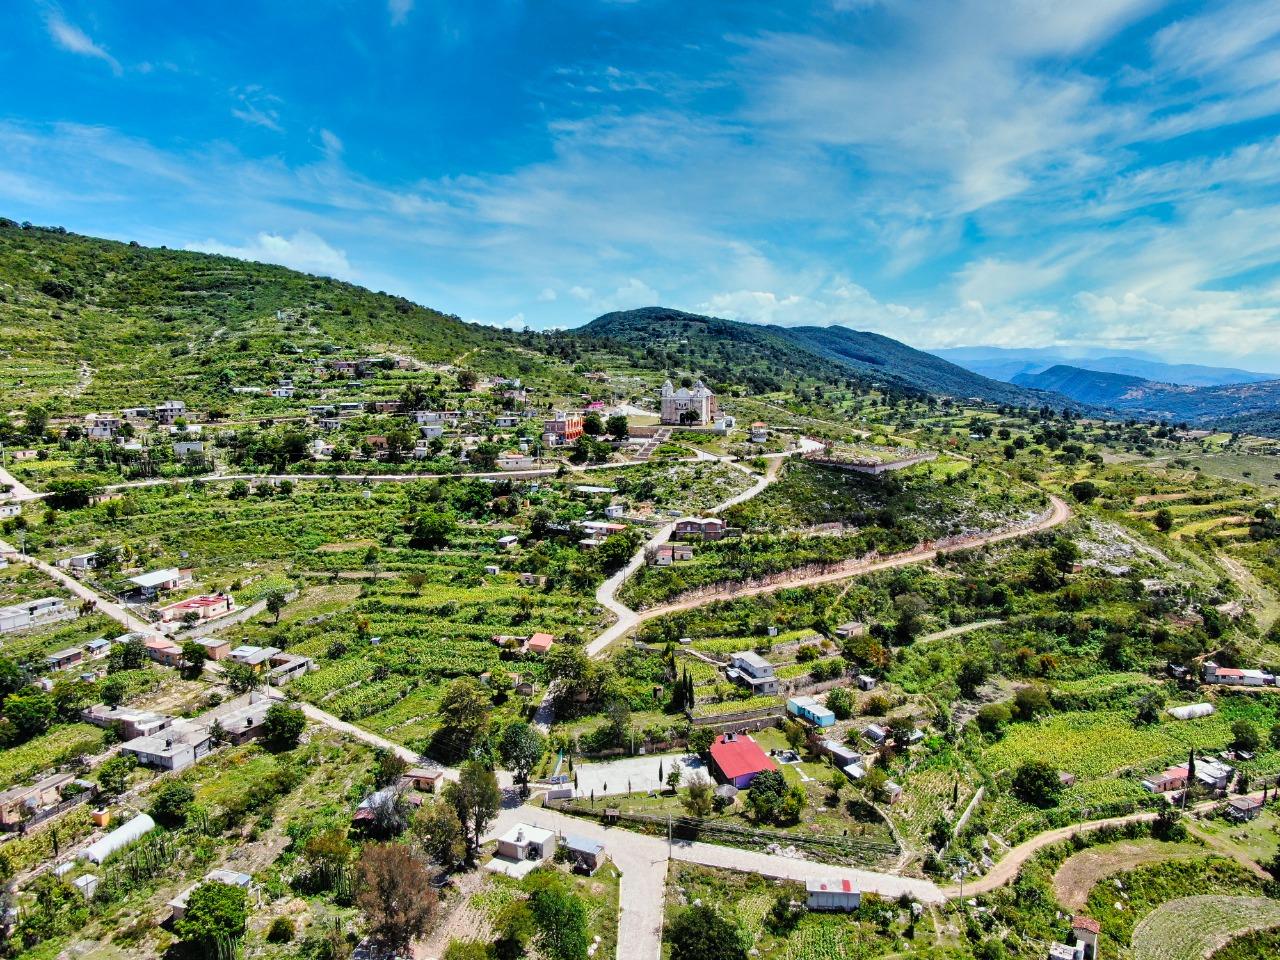 Lugares turísticos de Oaxaca muestran la belleza mixteca   El Imparcial de Oaxaca